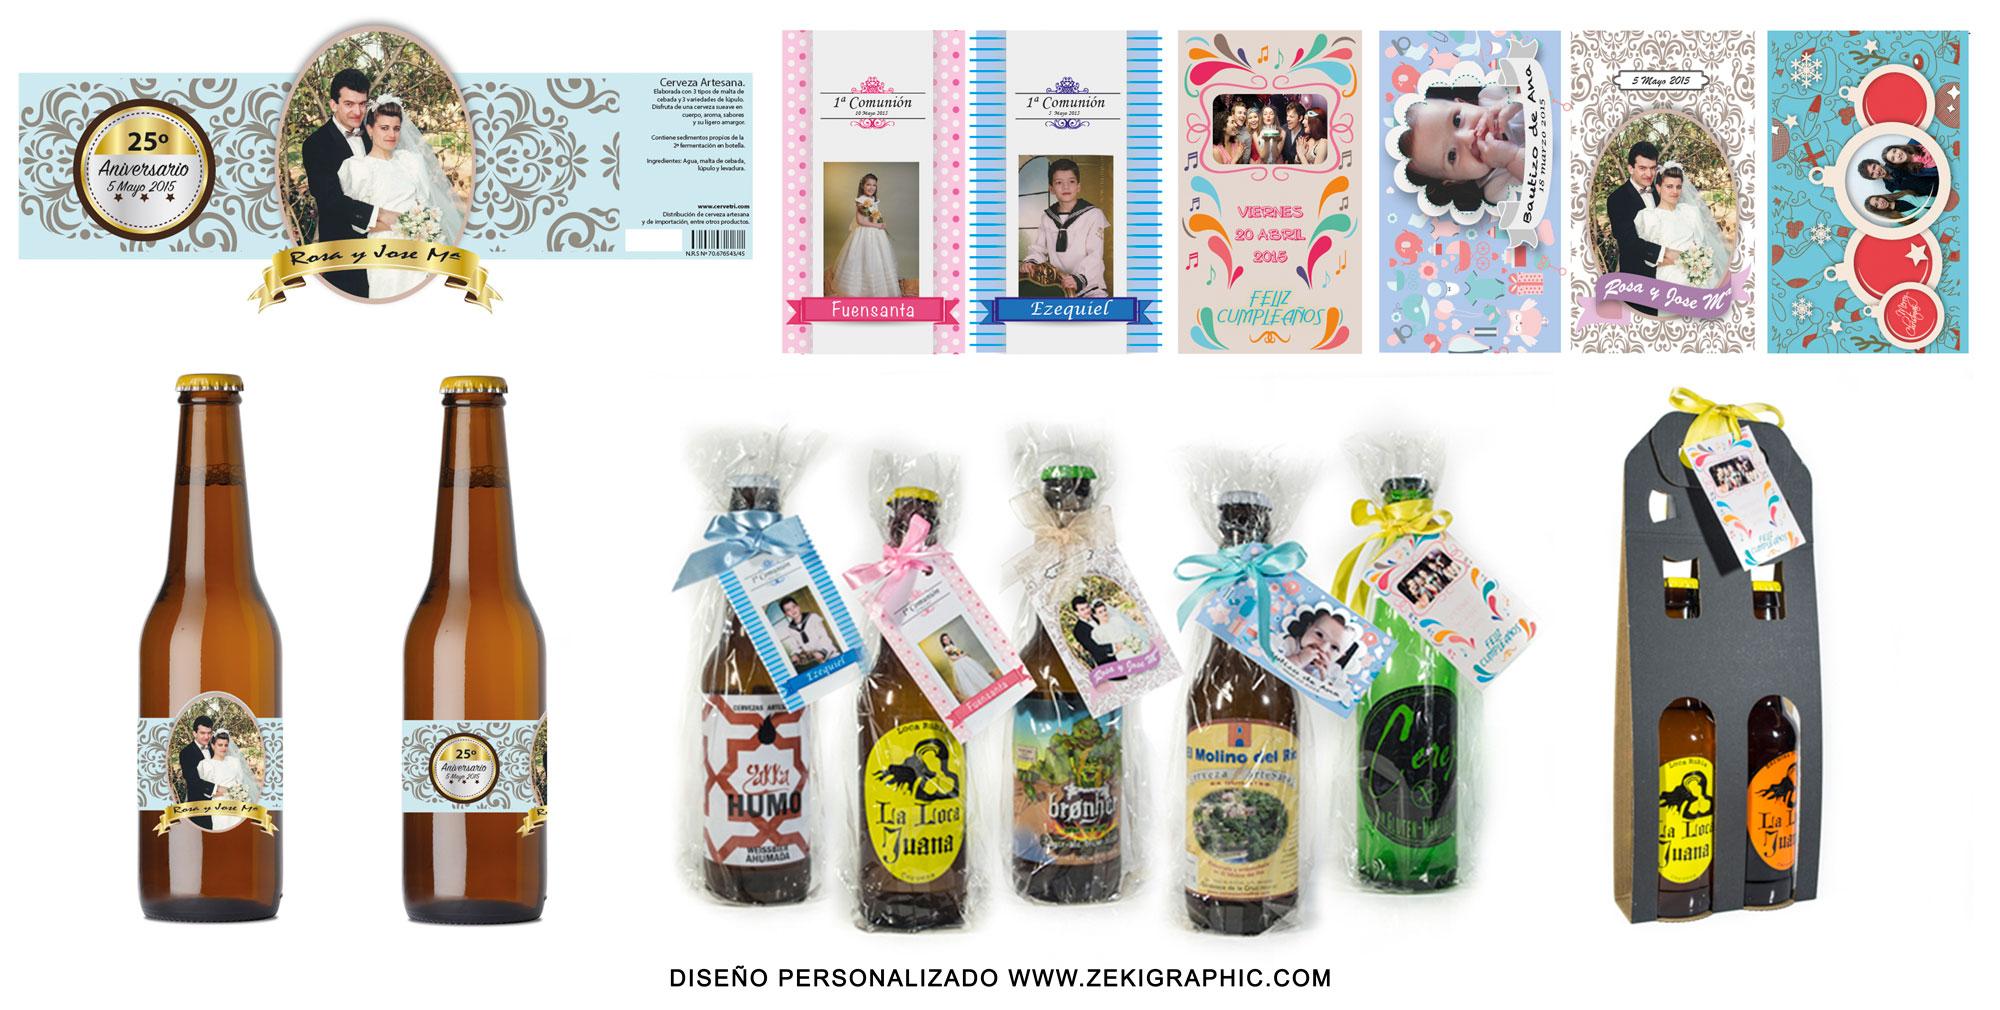 etiquetar_personalizadas_zekigraphic